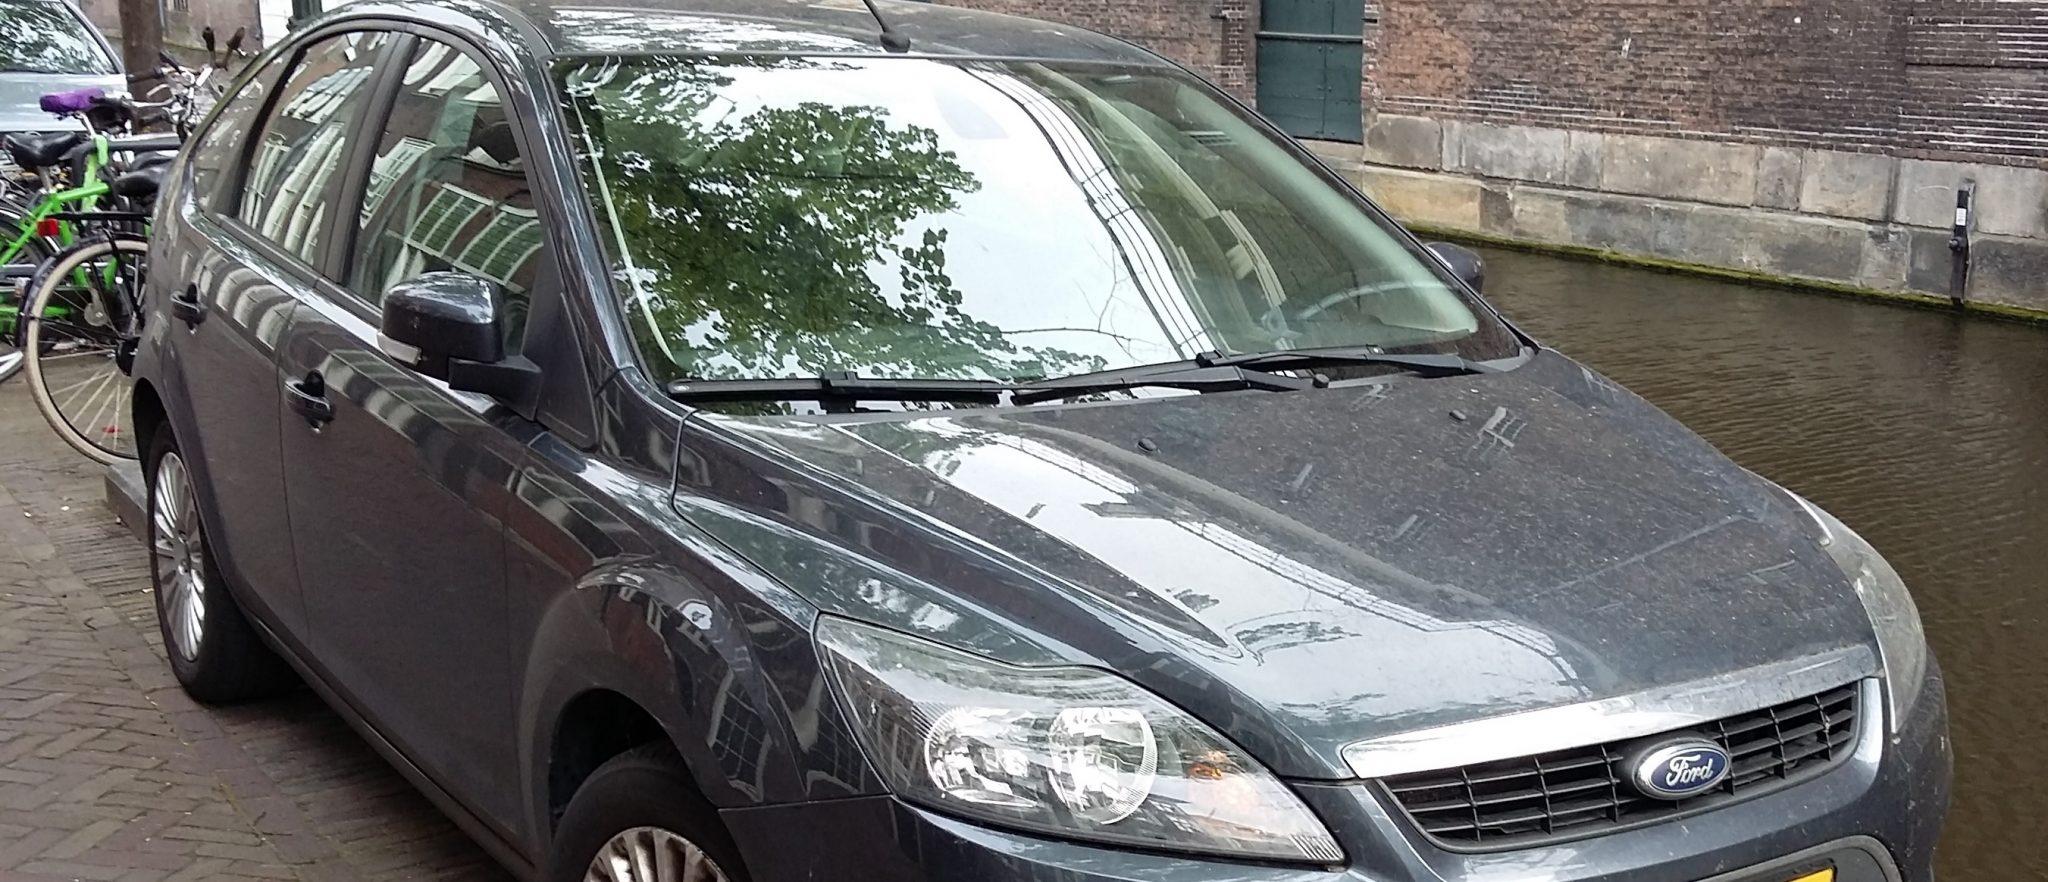 stuifmeel auto